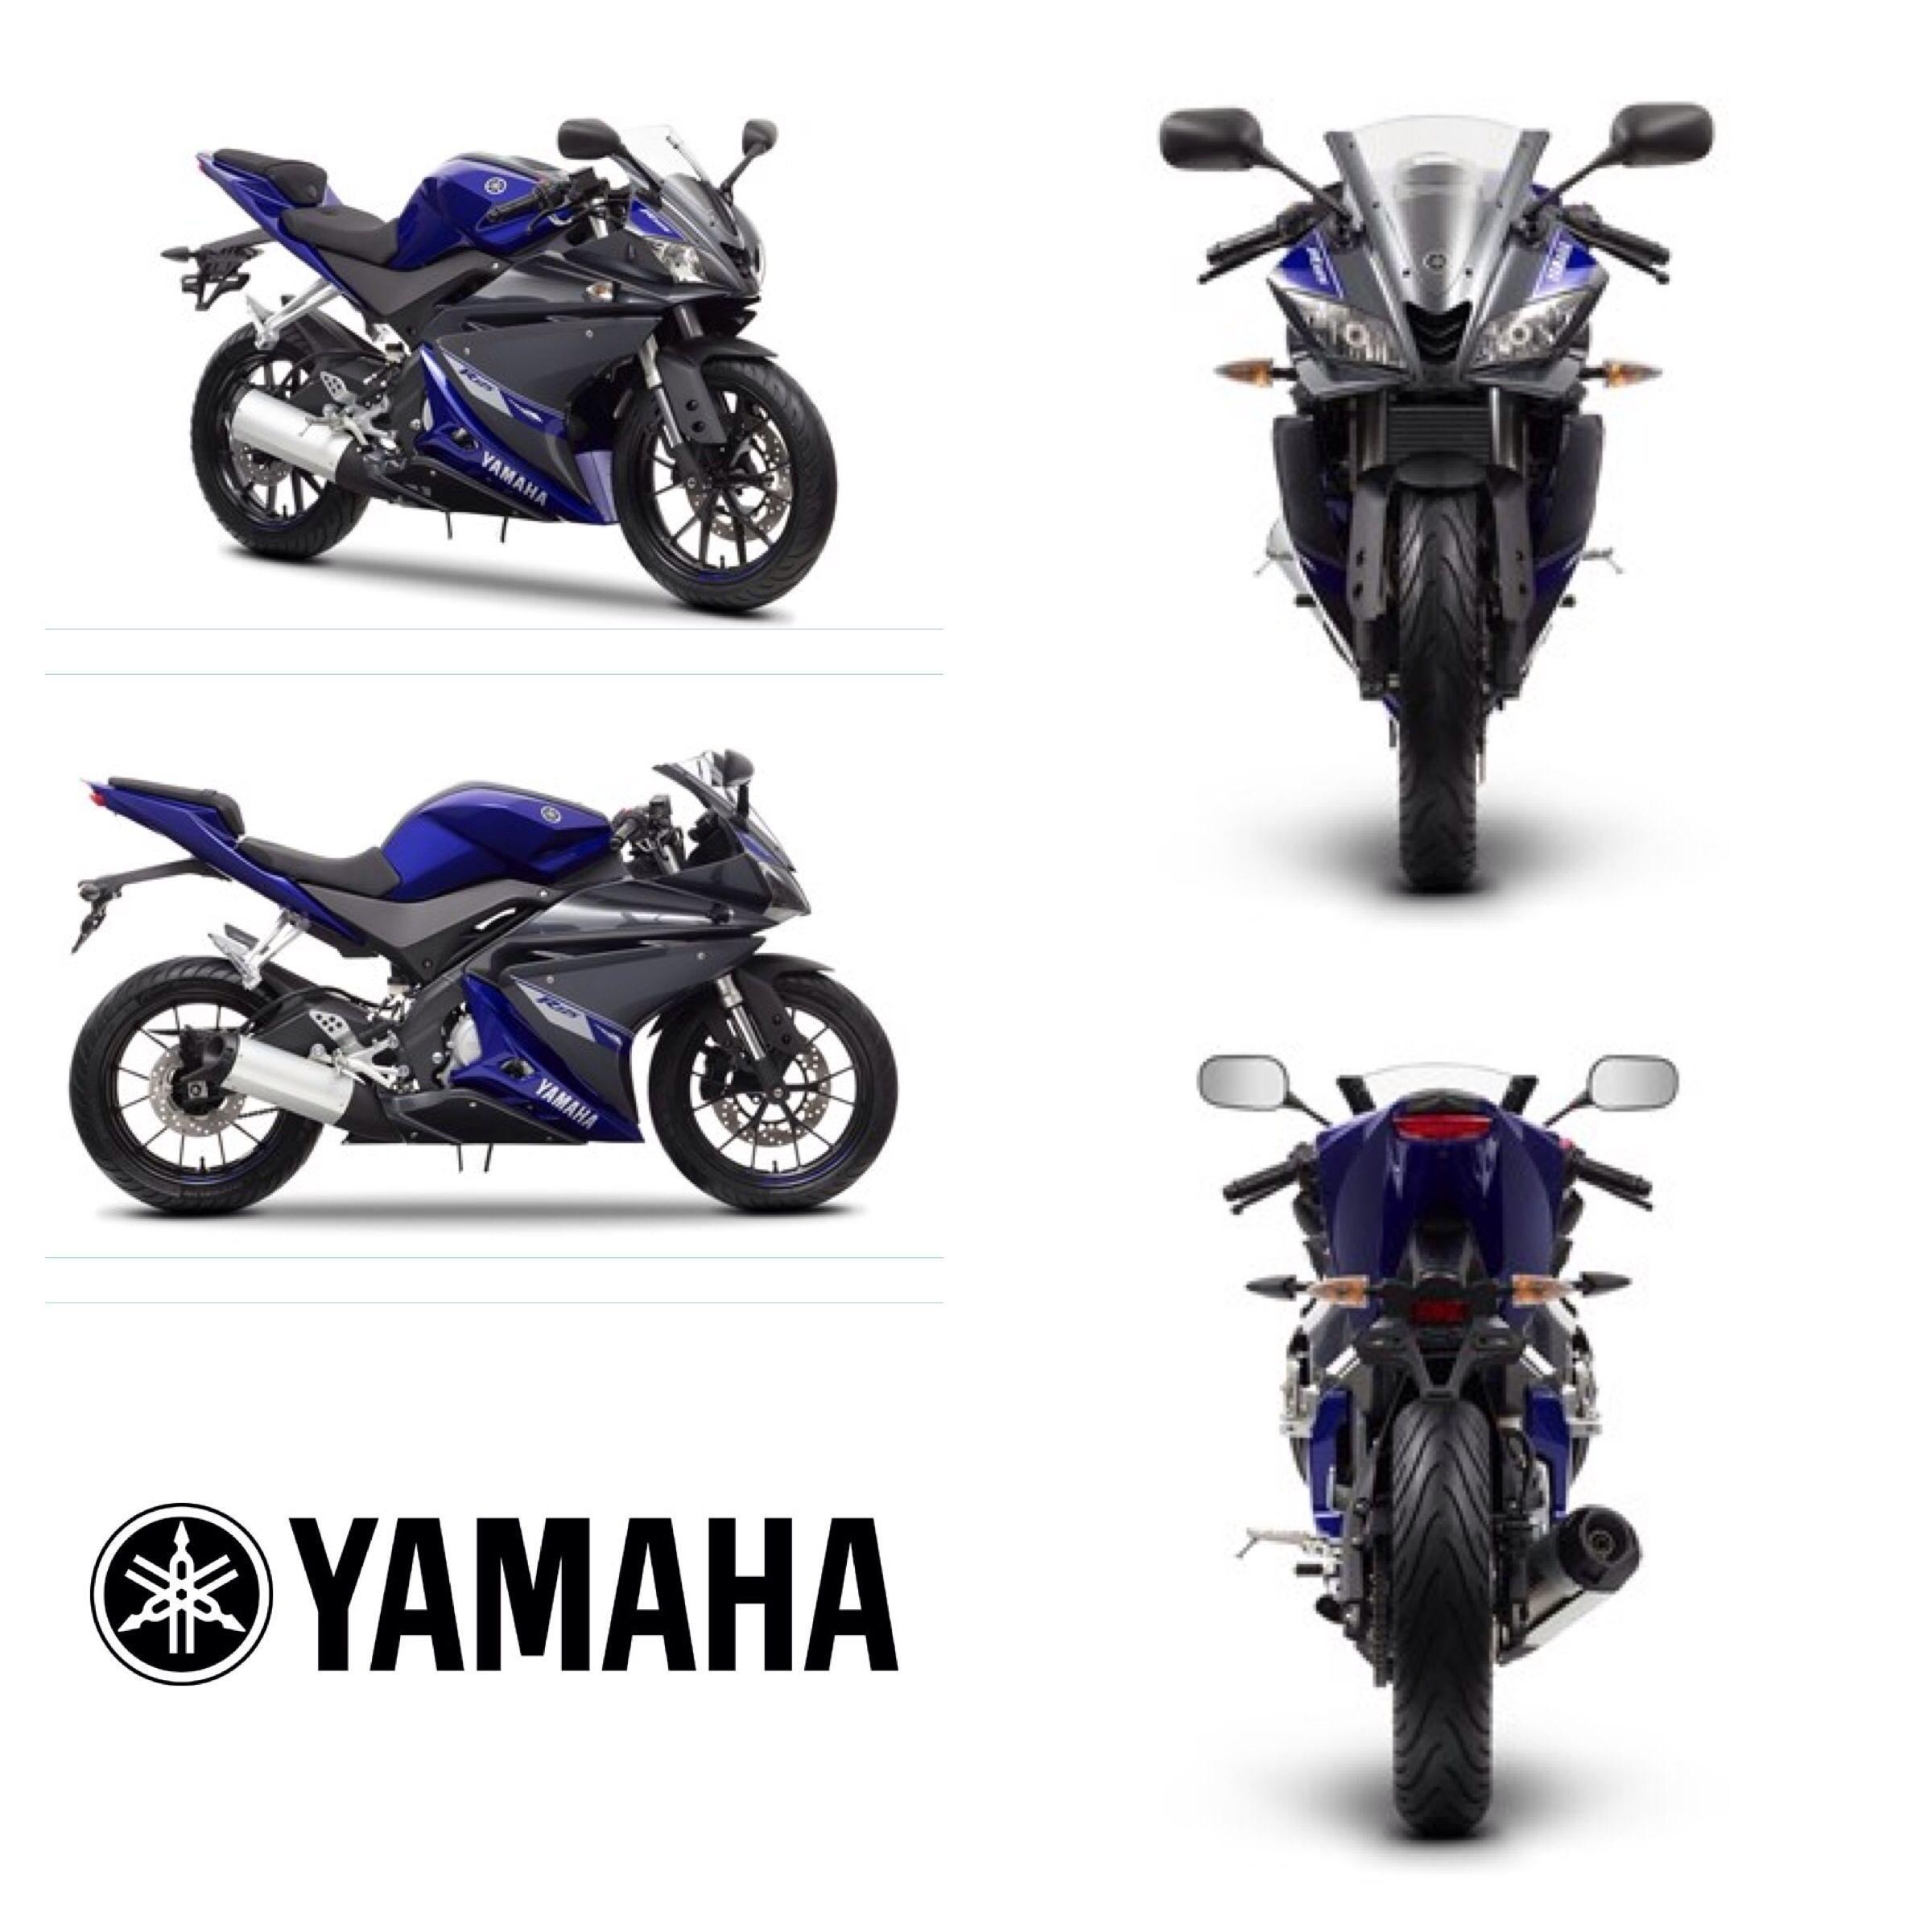 Yamaha yzf r125 usata moto usate 2016 car release date - Yamaha Yzf R125